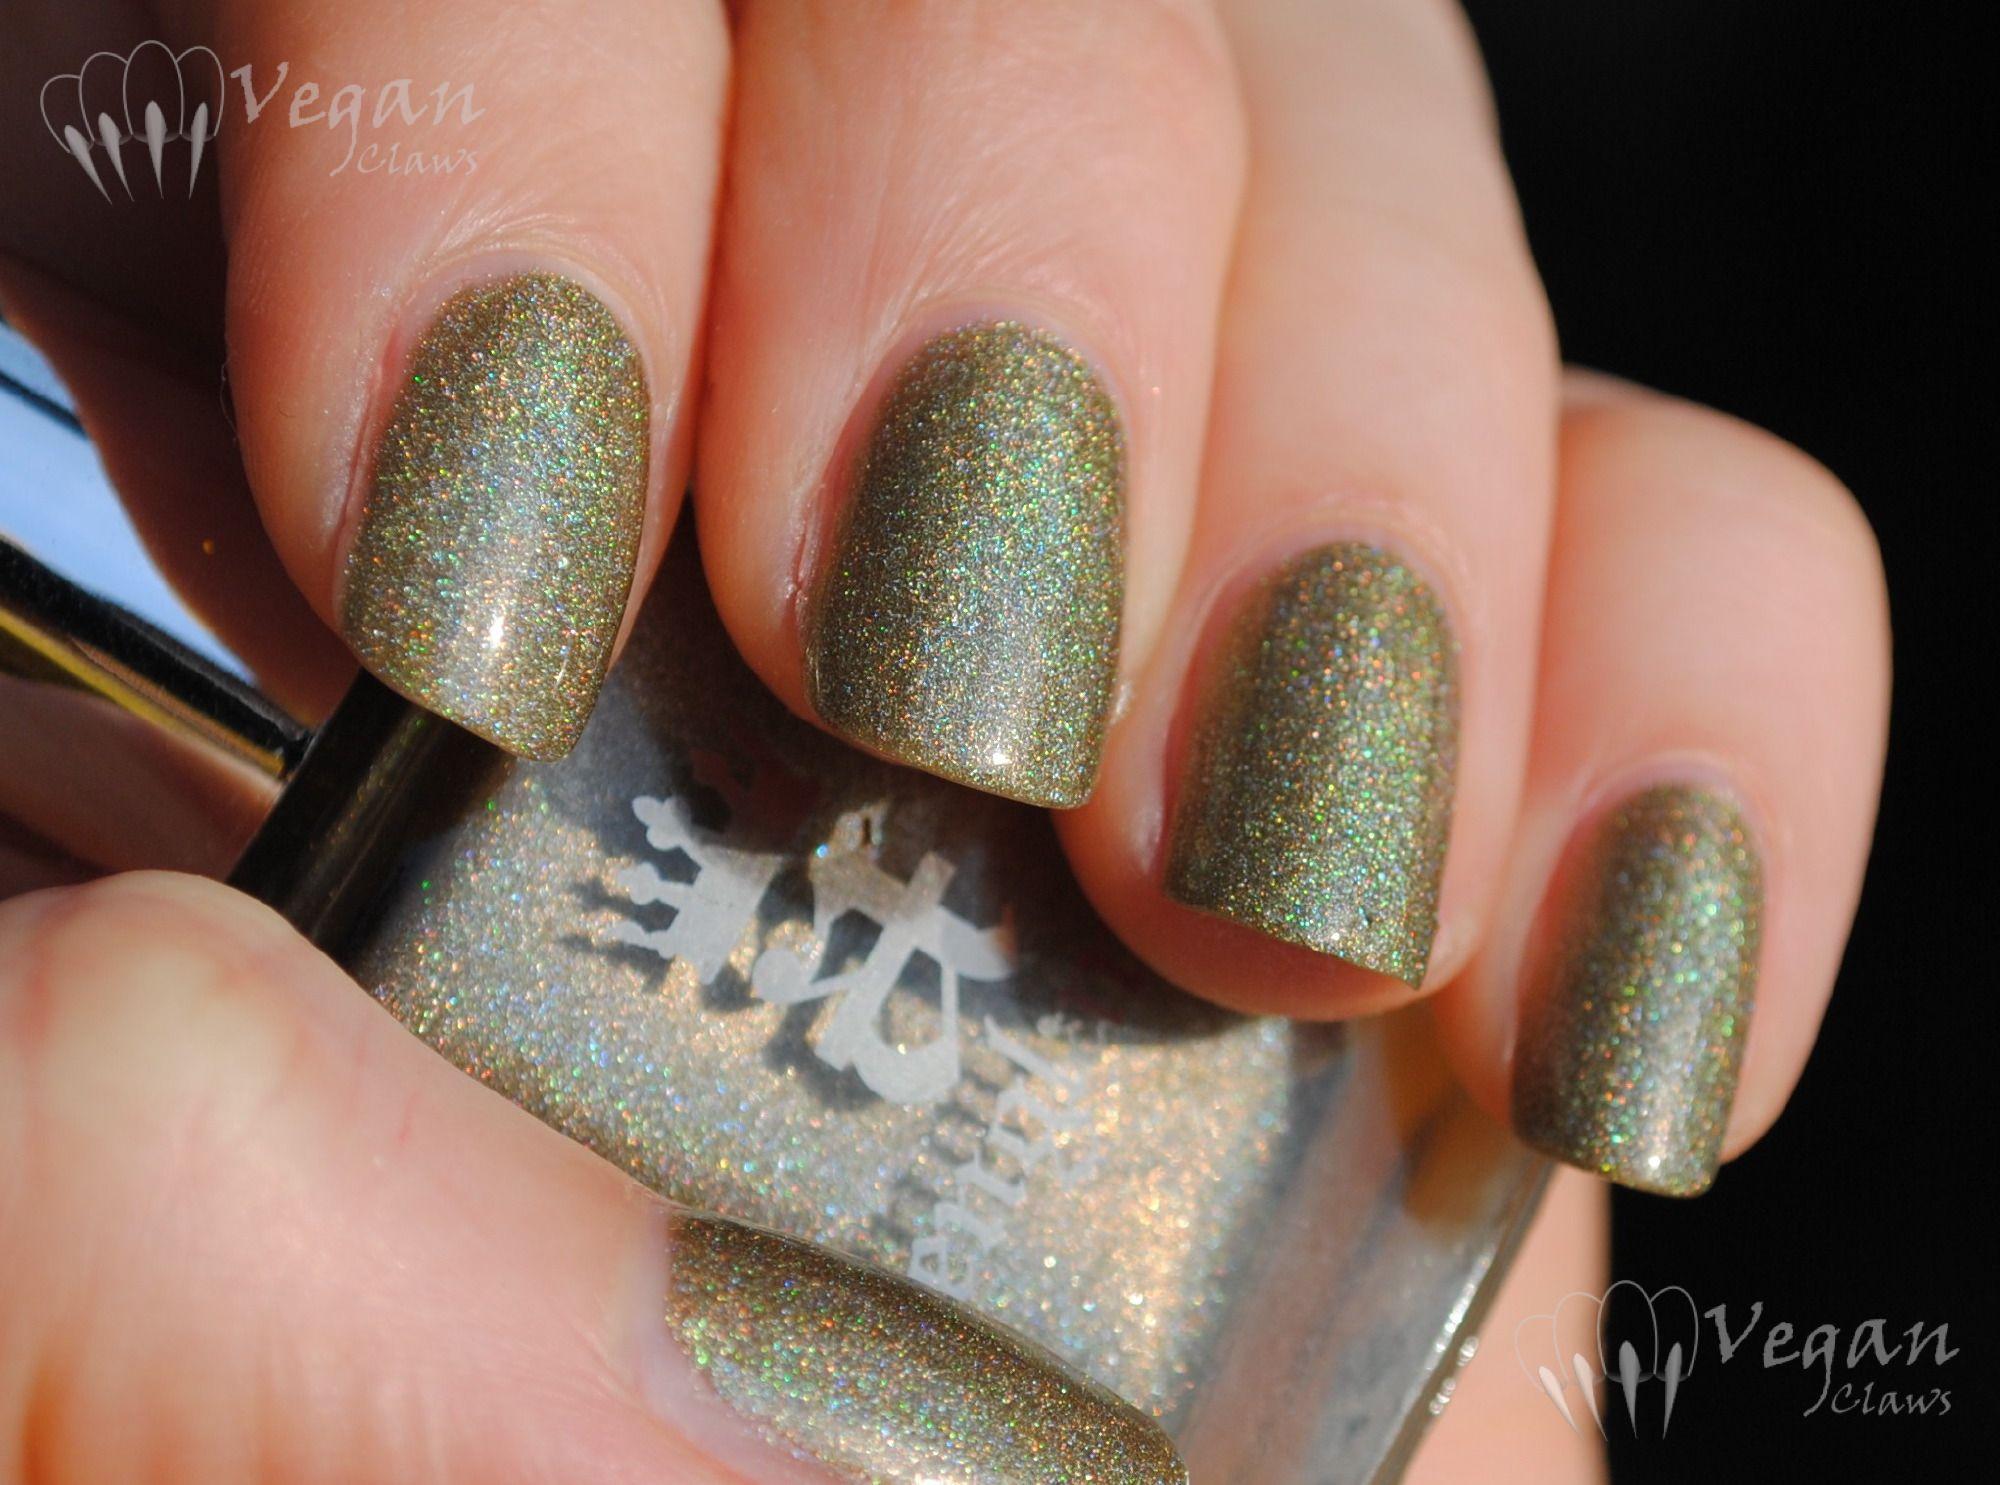 a-england | Nail polish, Nails, Polish